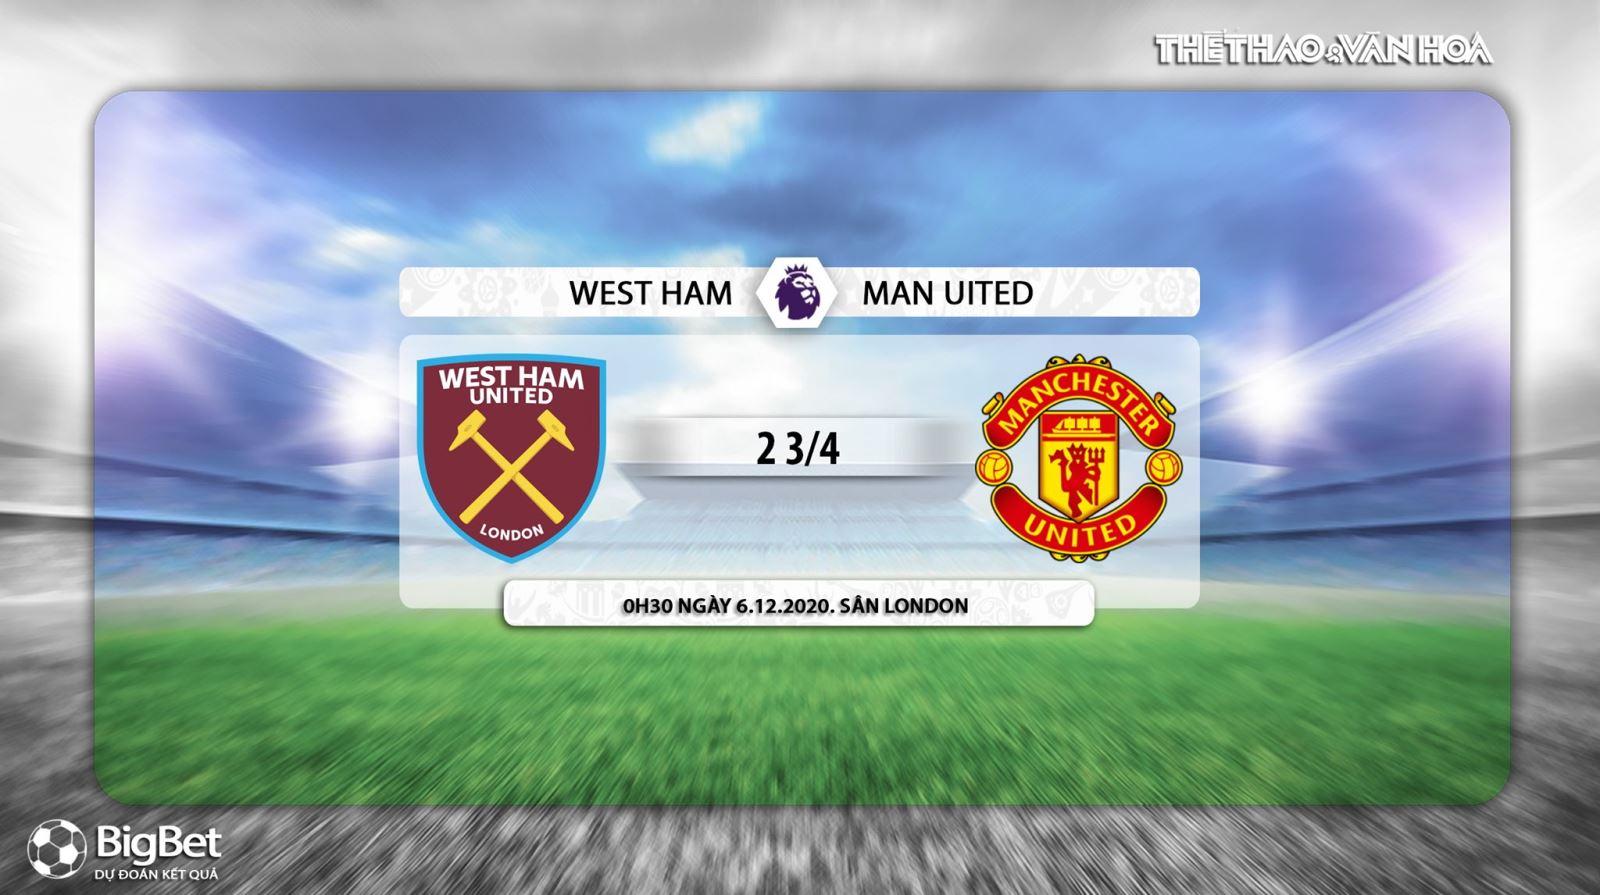 Keo nha cai, kèo nhà cái, West Ham vs MU, truc tiep bong da, ngoai hang Anh vòng 10, kèo bóng đá, trực tiếp MU đấu với West Ham, trực tiếp bóng đá Anh, kèo MU, K+PM, K+